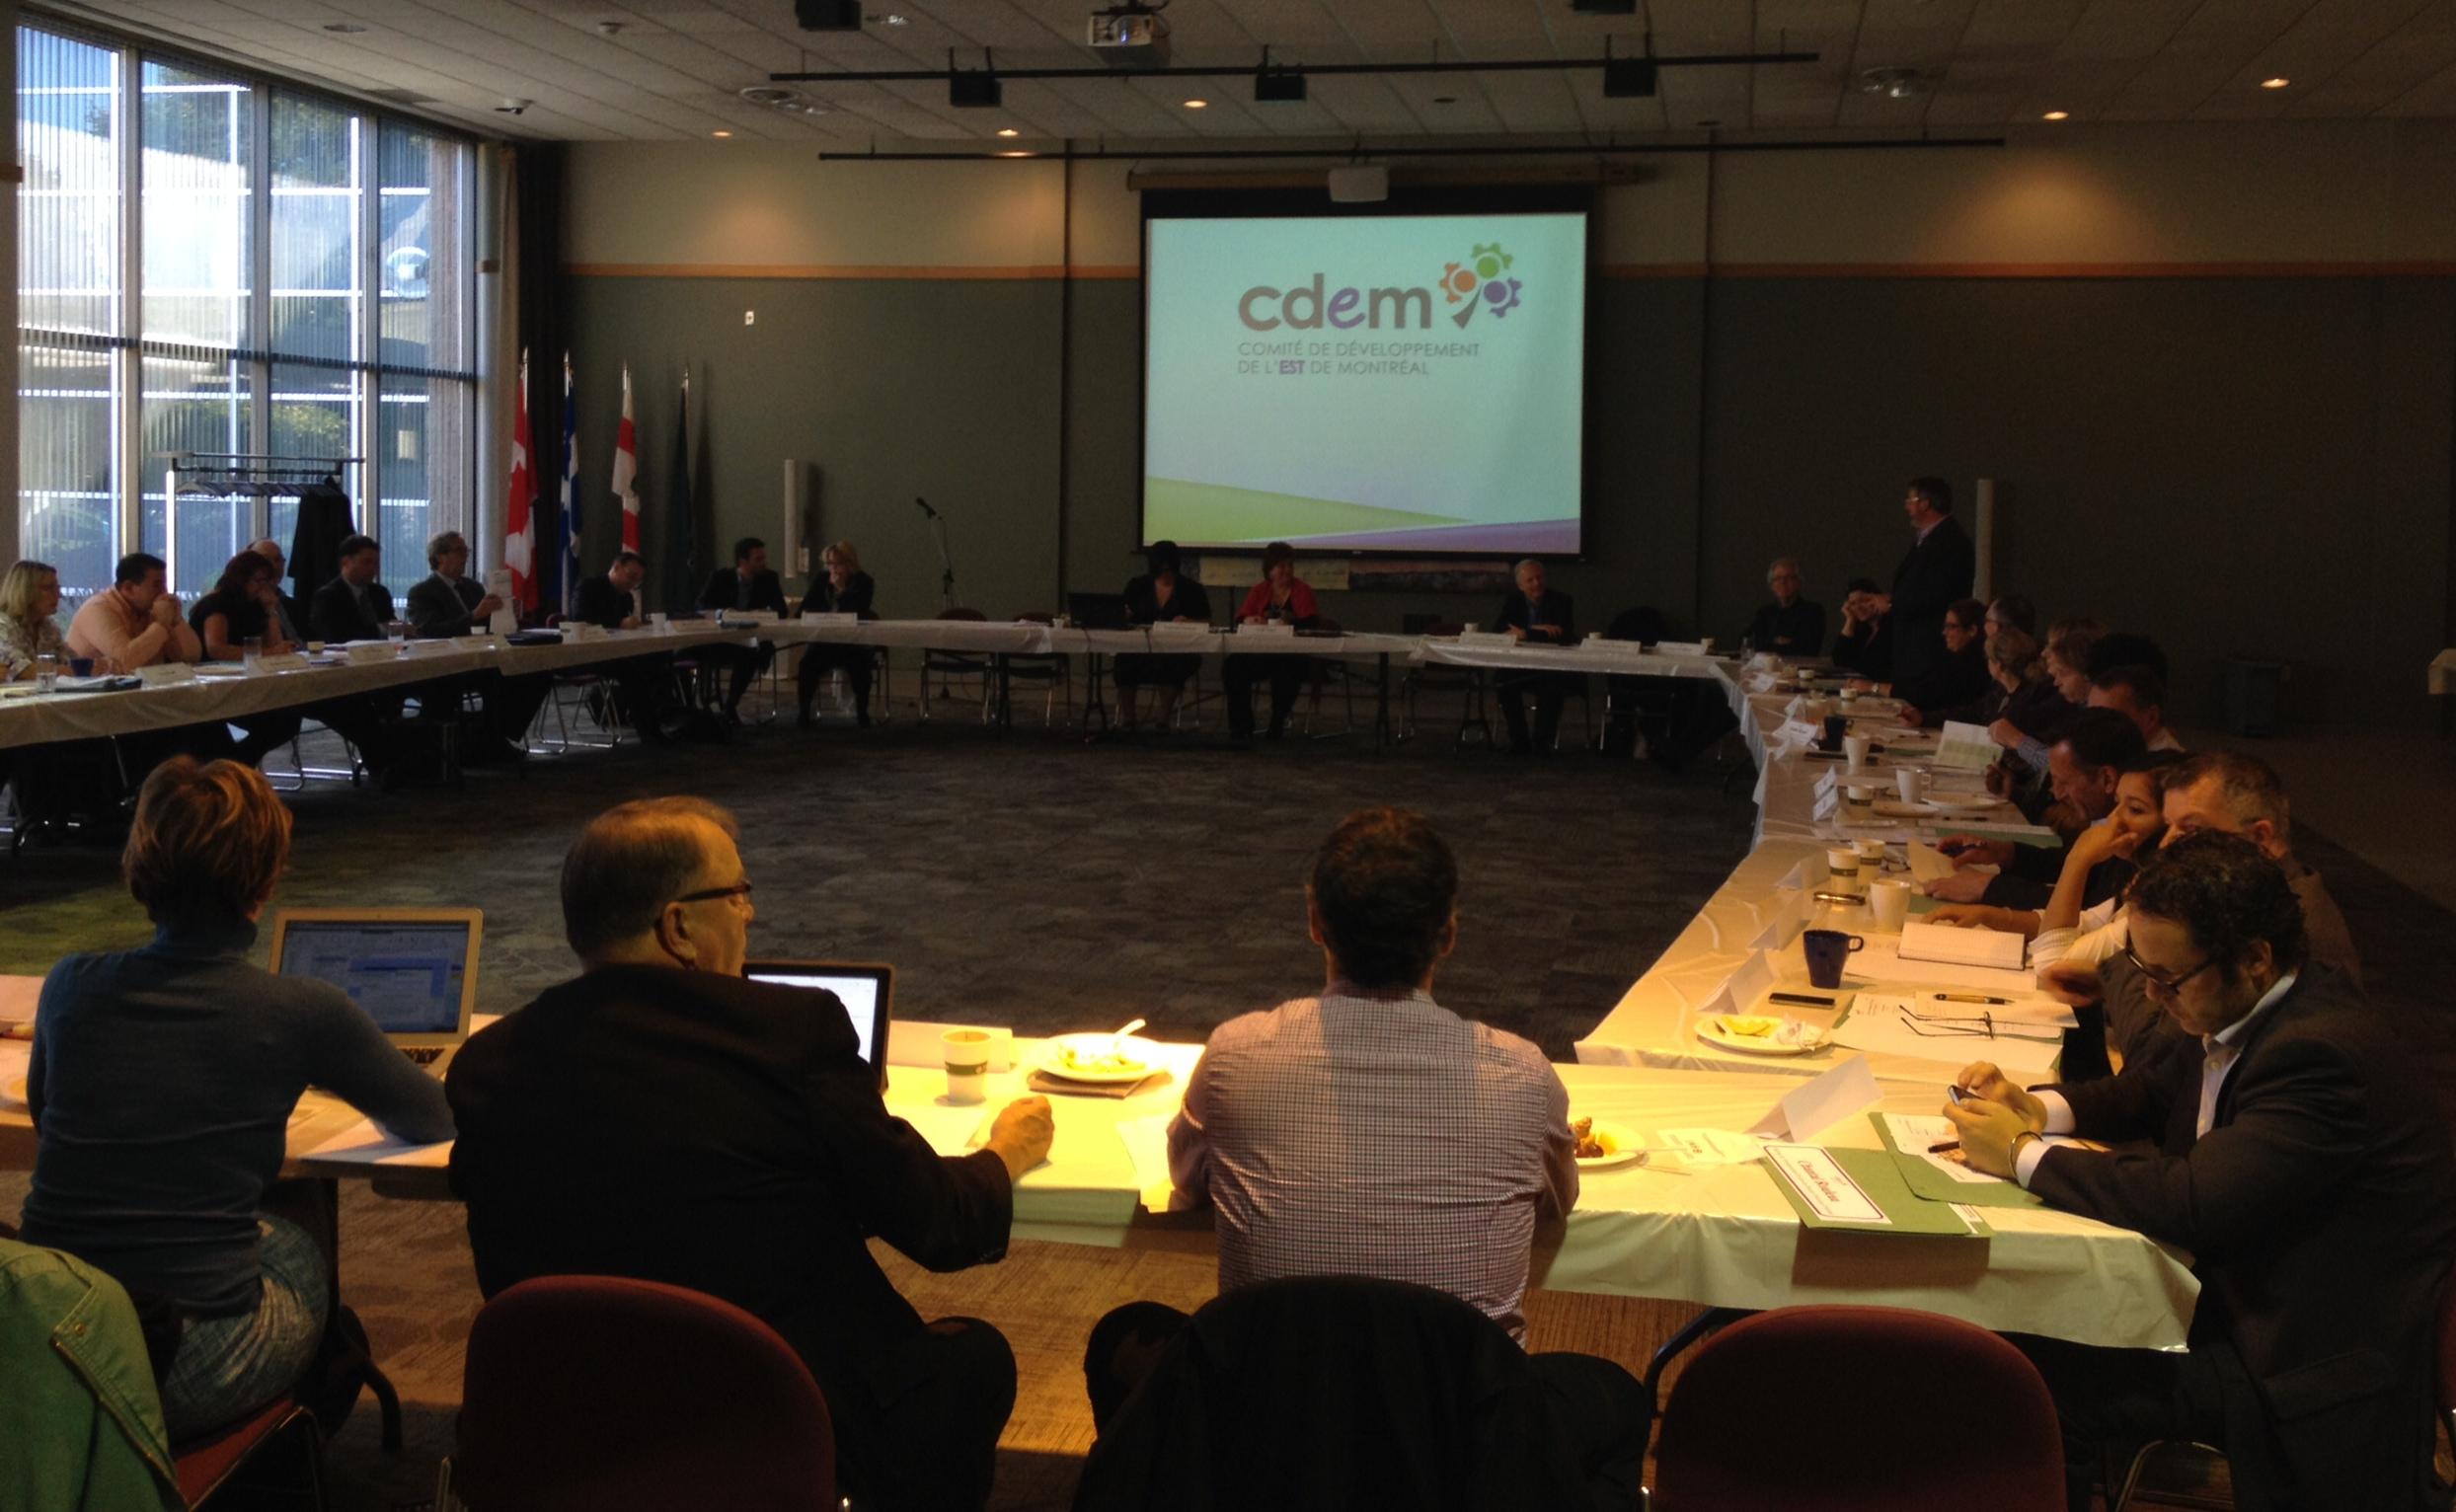 2014-09-19 CDEM